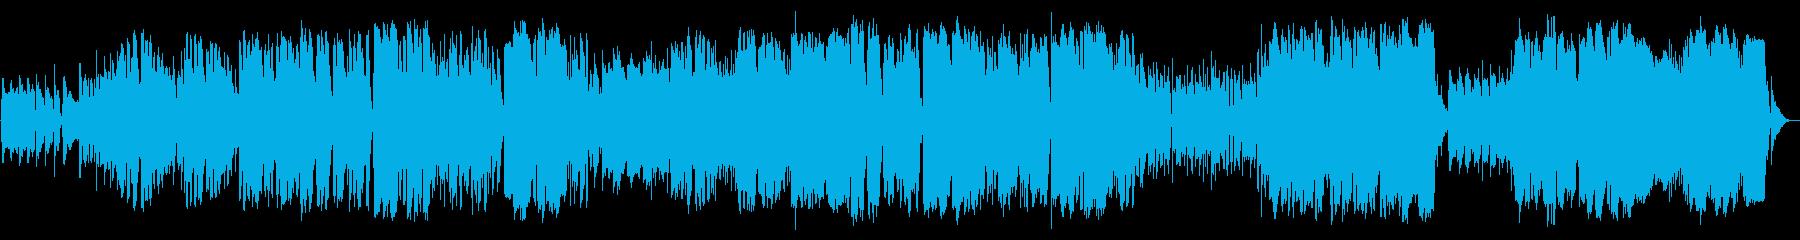 英語洋楽:切な系ポール風オルガンバラードの再生済みの波形